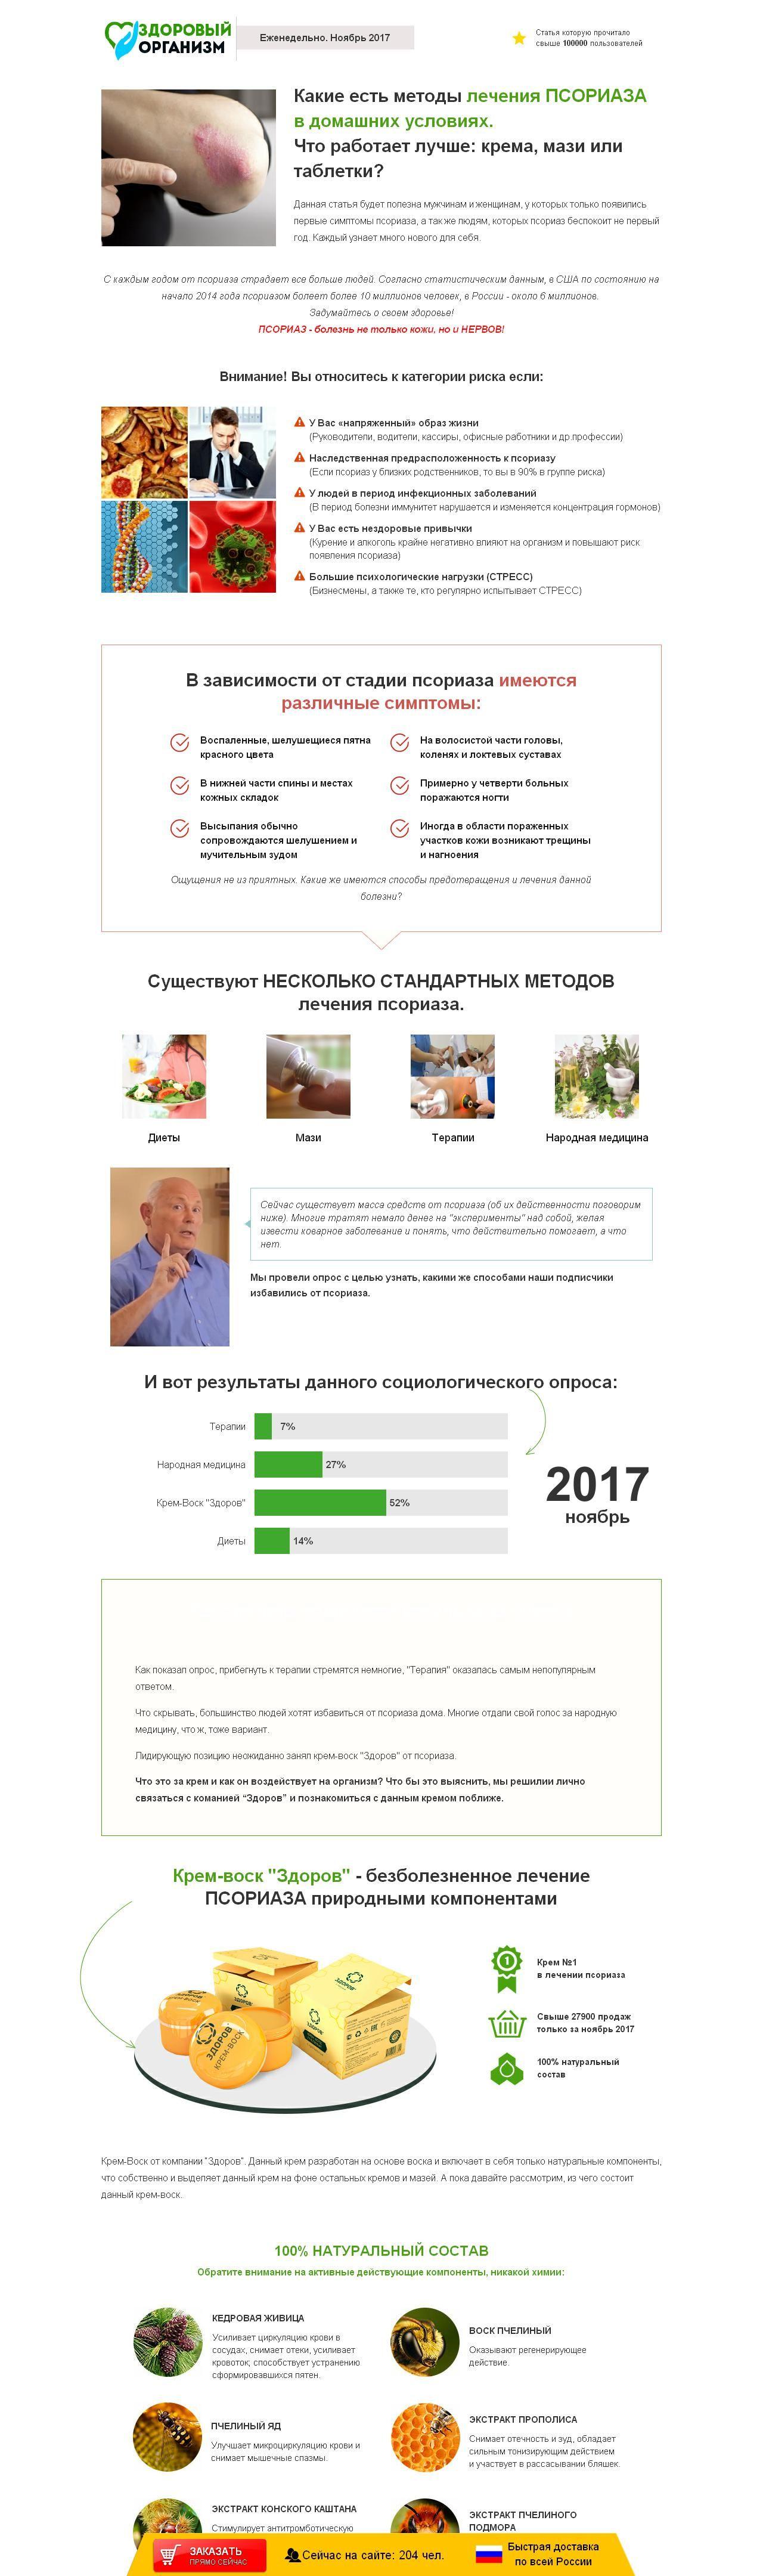 Баку Форум Лечение псориаза в азербайджане / Международное сообщество бакинцев